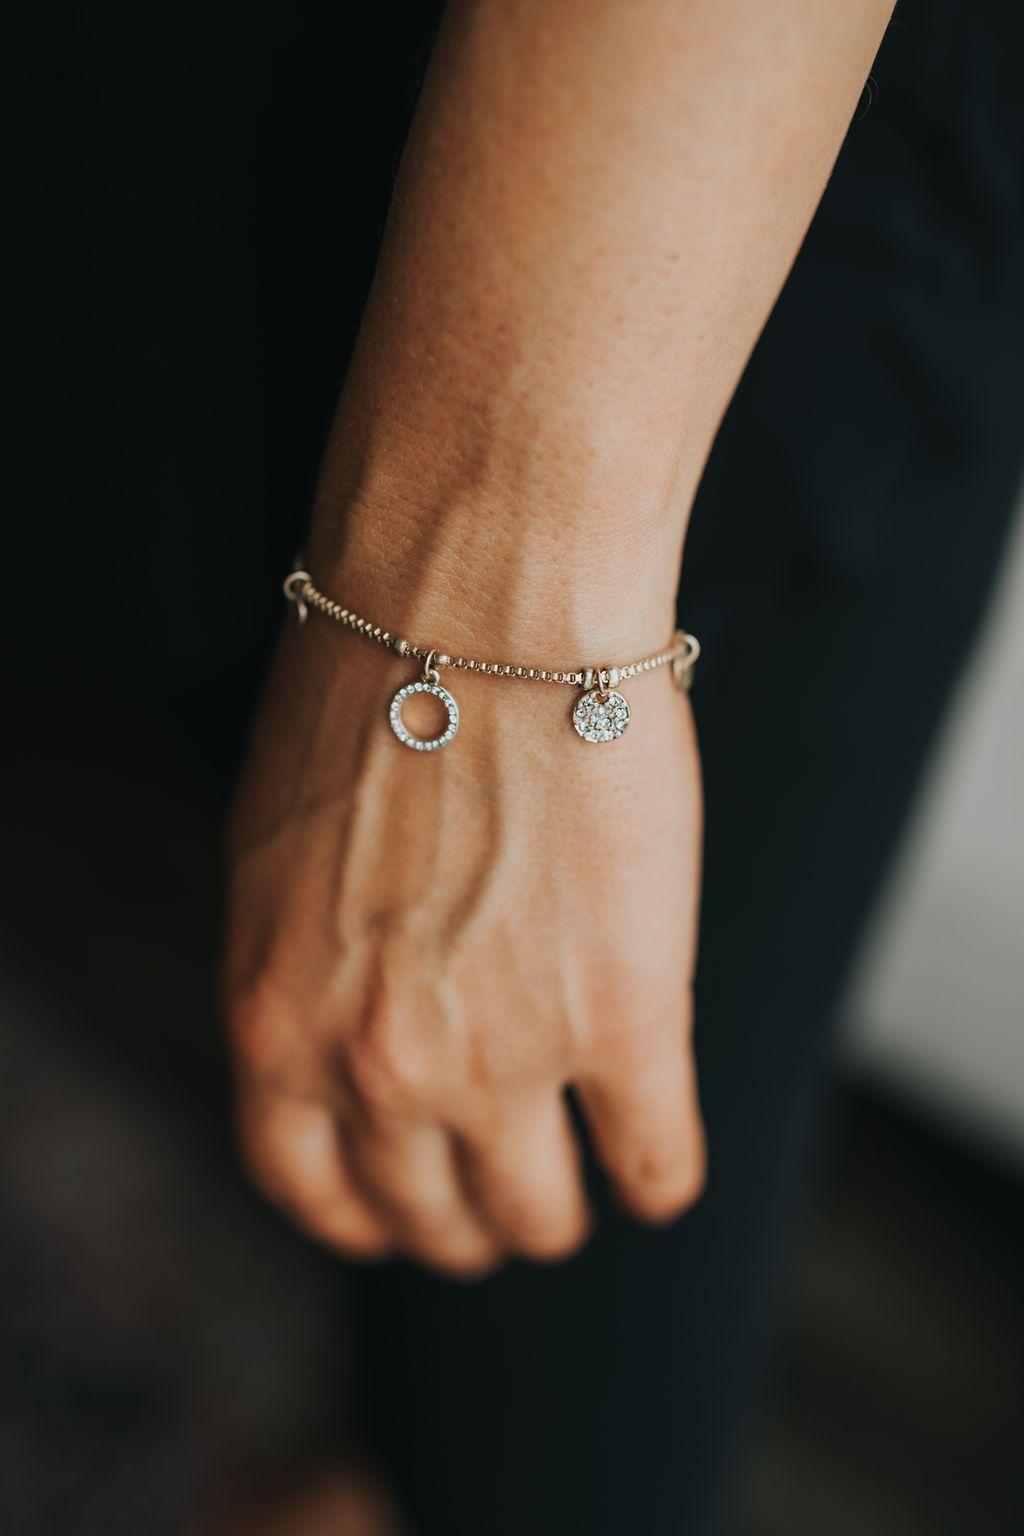 Brushed Gold Tiny Disc Bracelet Features Rhinestone